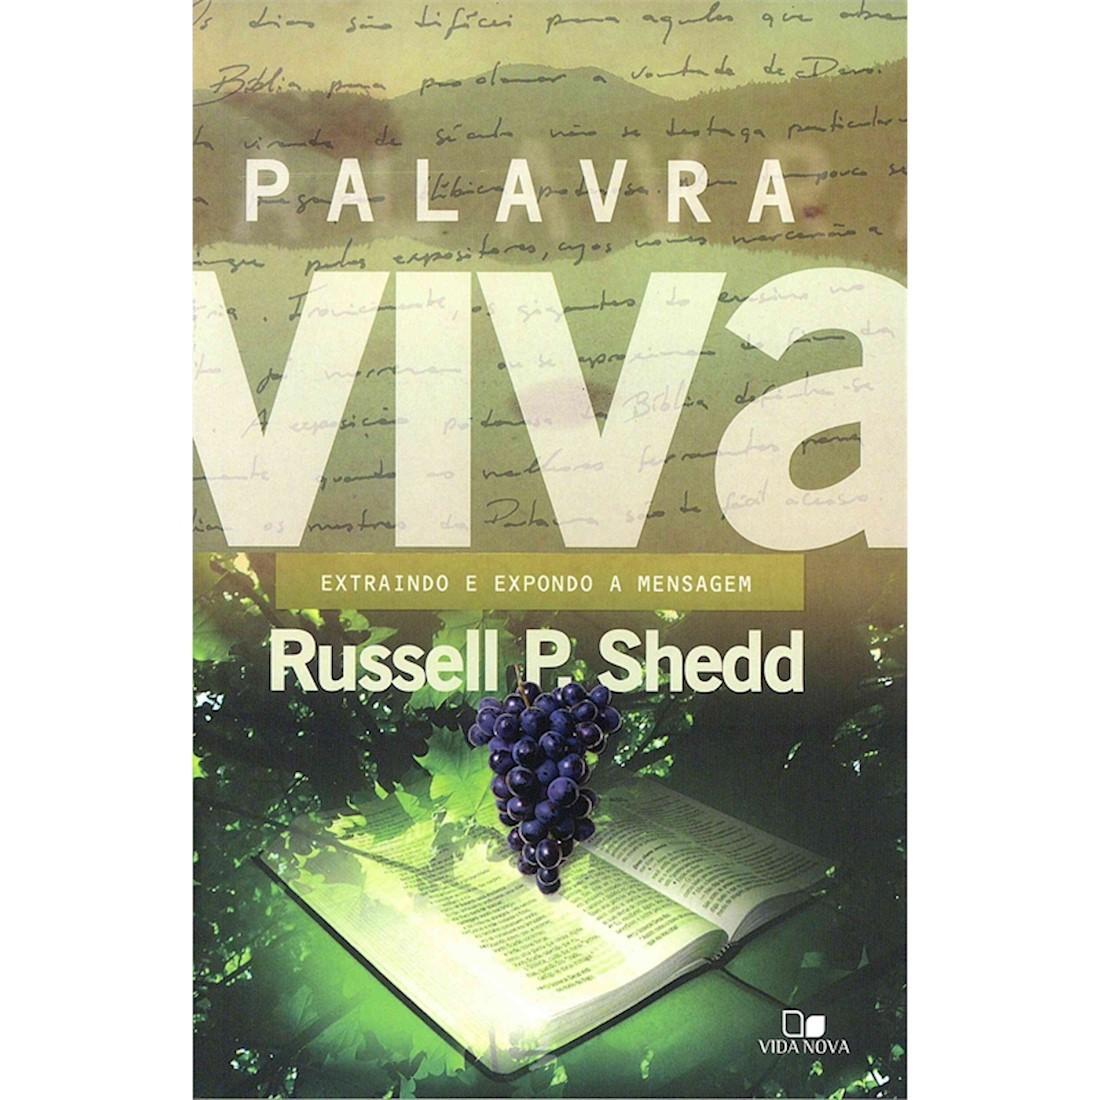 Livro Palavra Viva - Extraindo e Expondo a mensagem